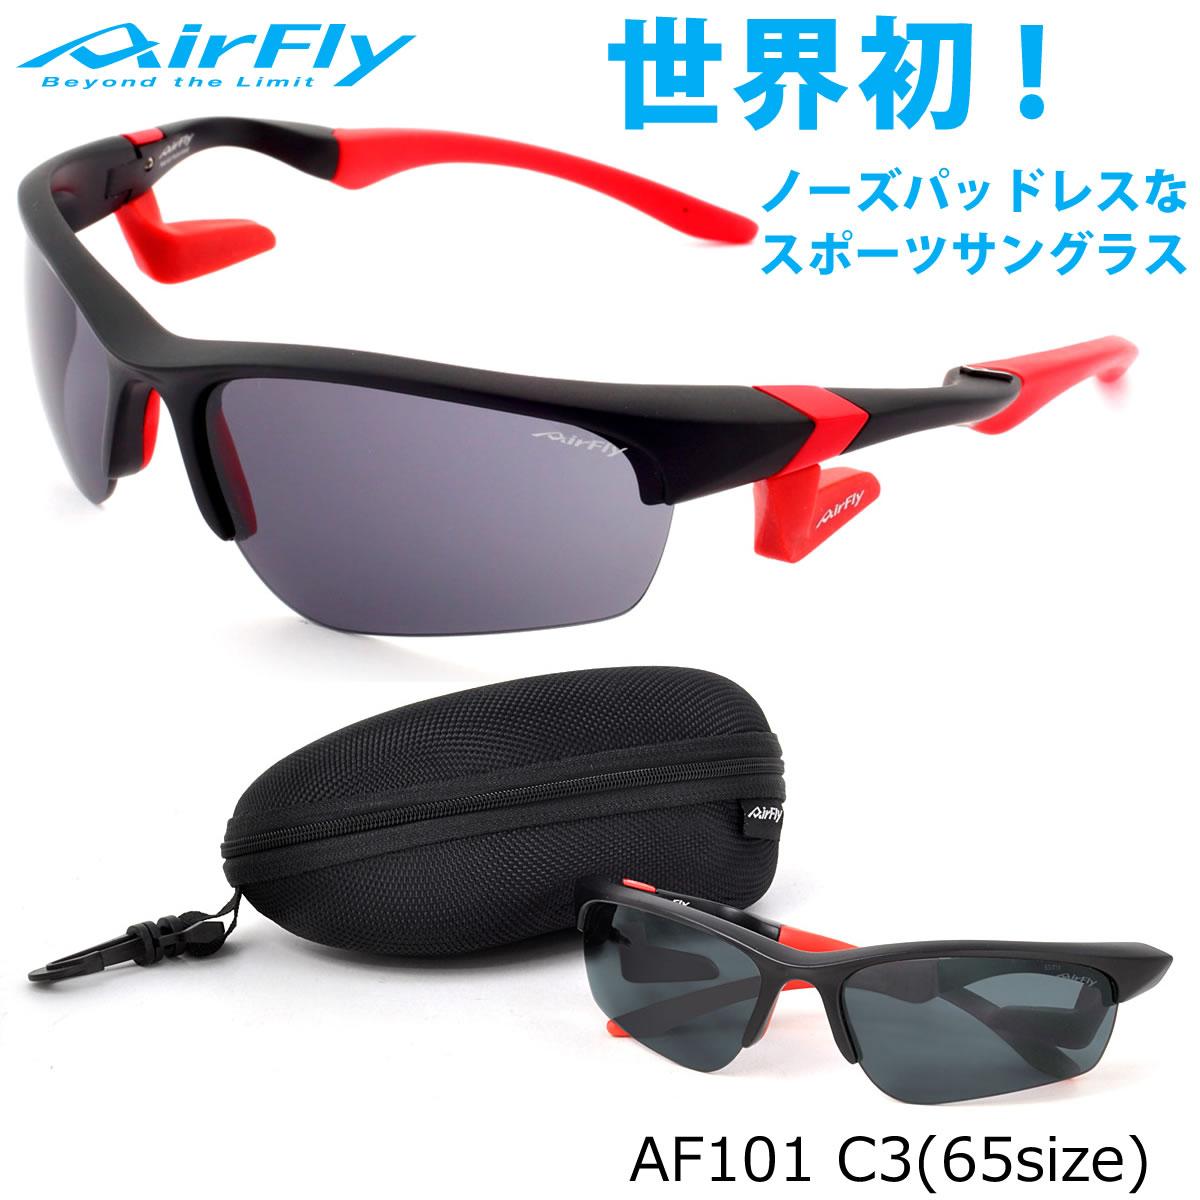 AirFly エアフライ サングラス AF101 C3 65サイズ 世界初 ノーズパッドレス スポーツサングラス ミラー エアフライ AirFly 特許取得 鼻パッドなし UVカット 軽い 曇らない アウトドア 登山 キャンプ メンズ レディース